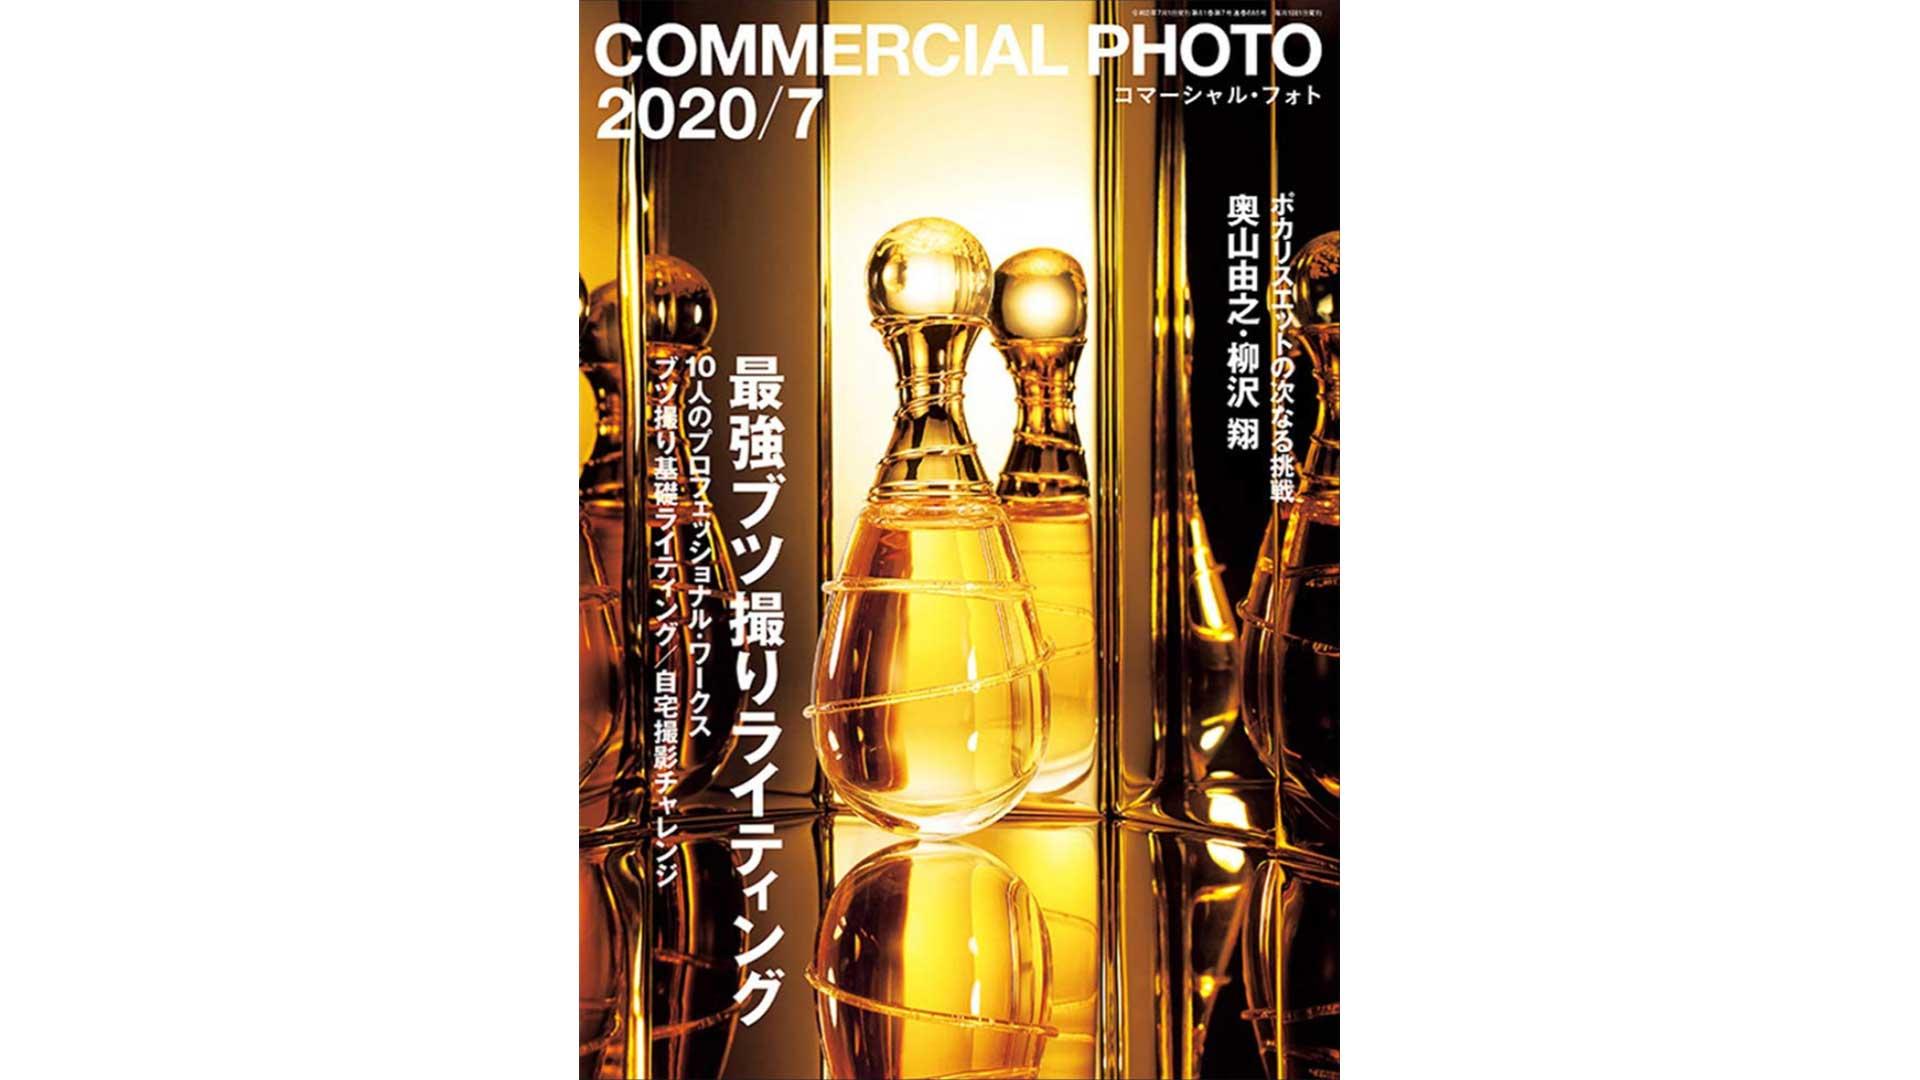 玄光社 コマーシャルフォト 7月号に「ポカリスエット広告特集」が掲載